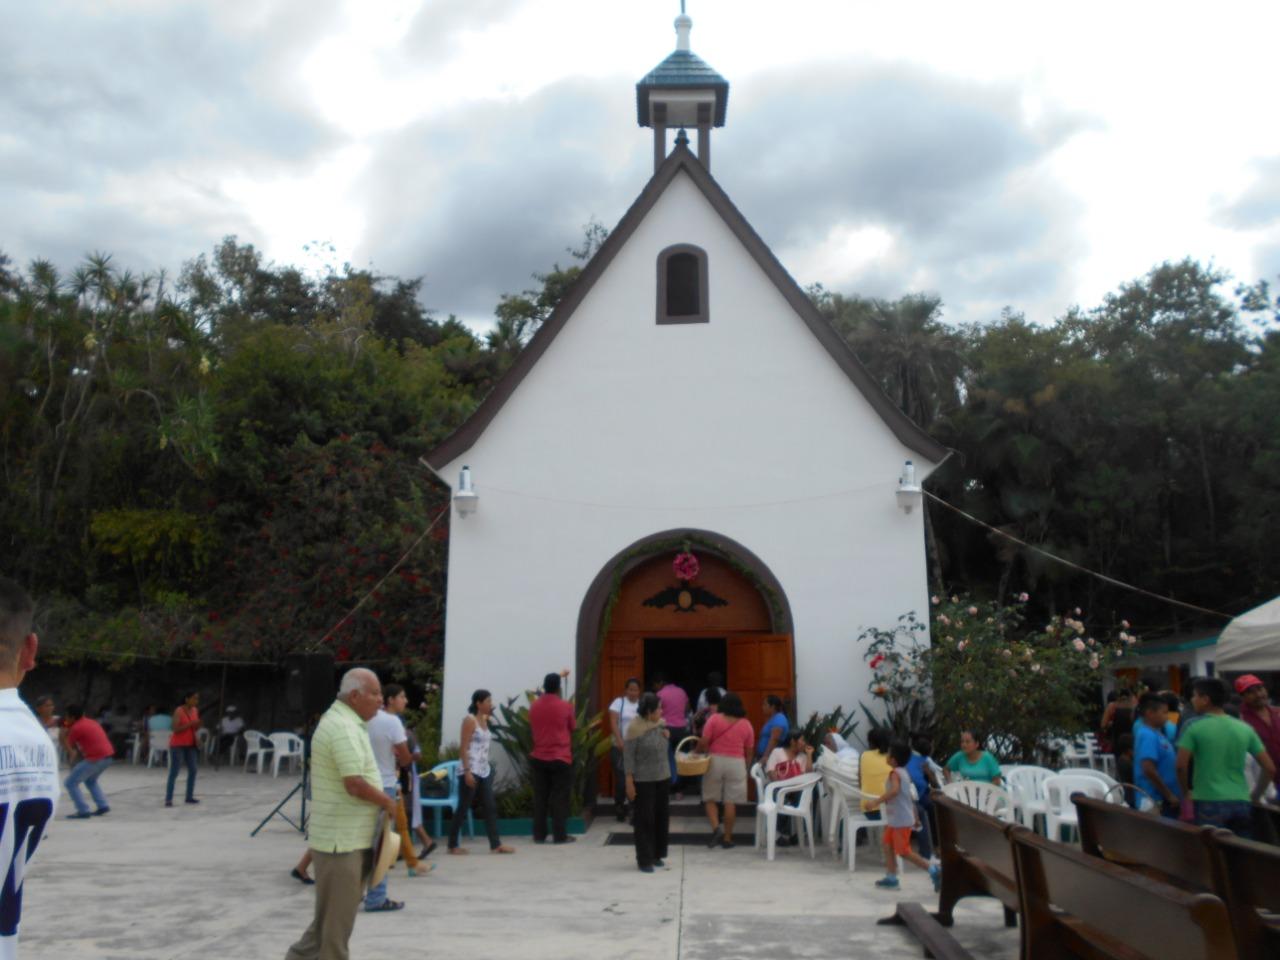 Fiestas patronales en comunidades de Chilapa, se extinguen lentamente por la violencia